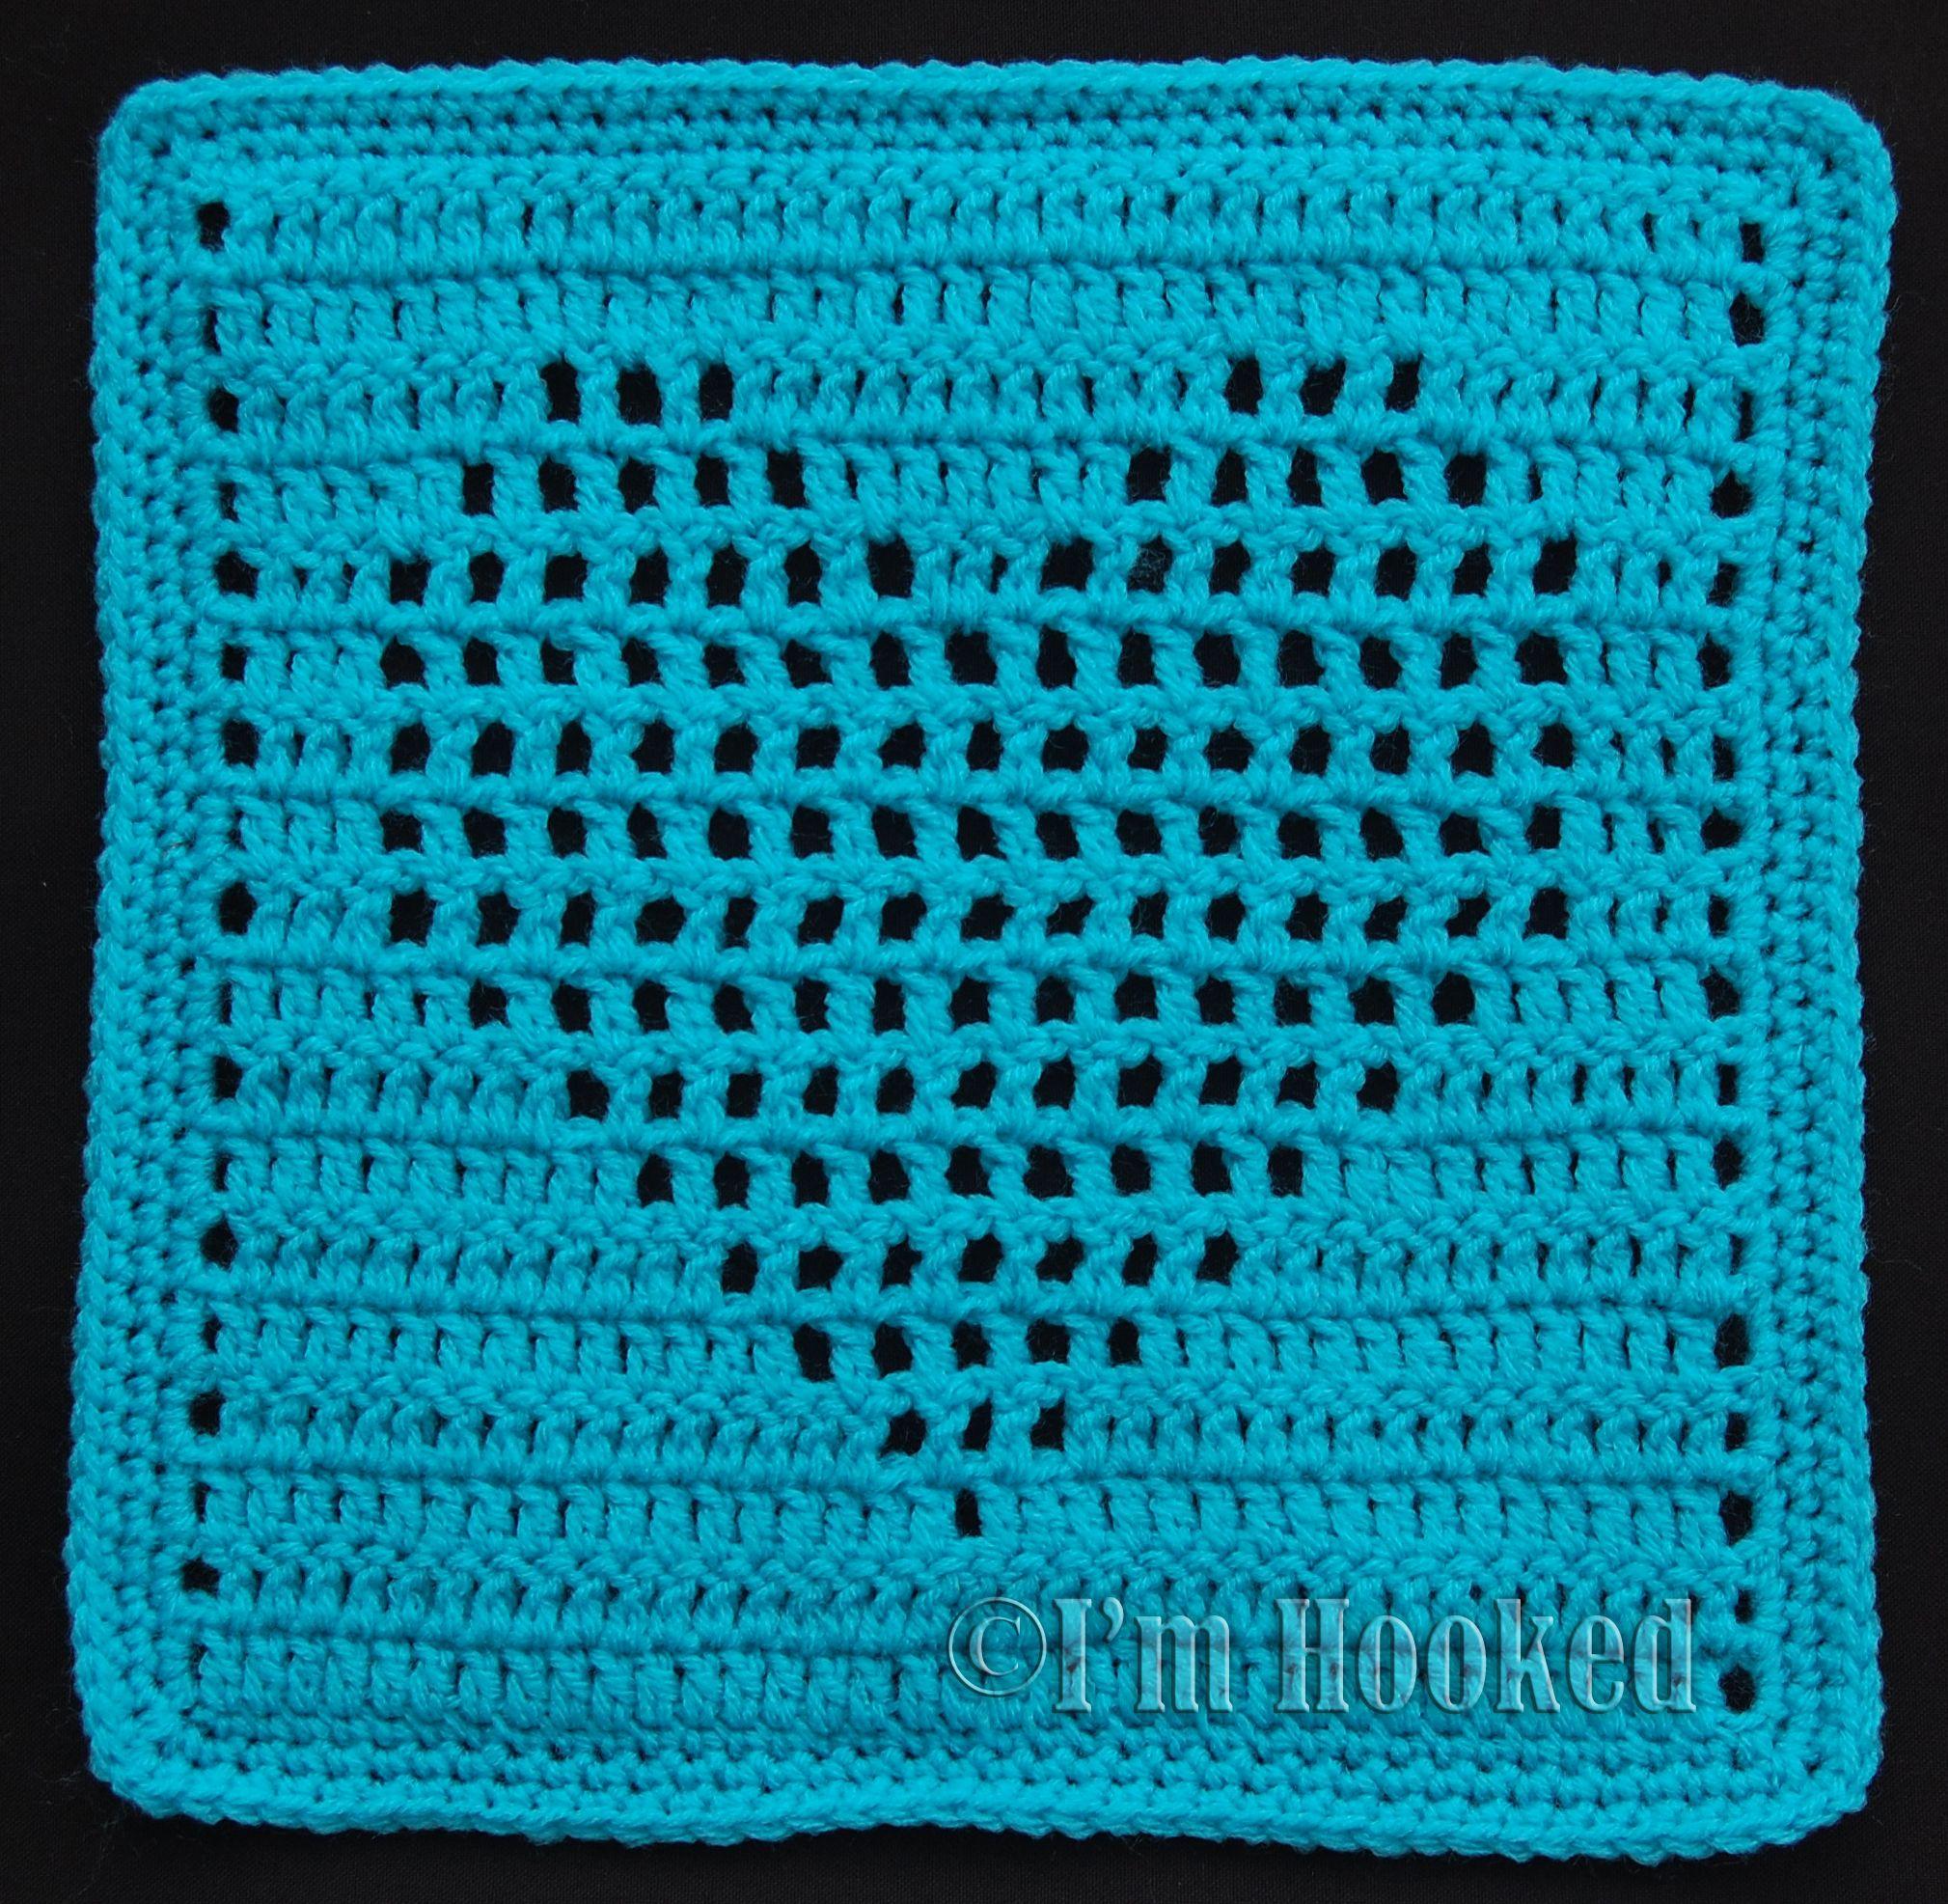 Tender Hearts Baby Blanket Crochet Topsimages